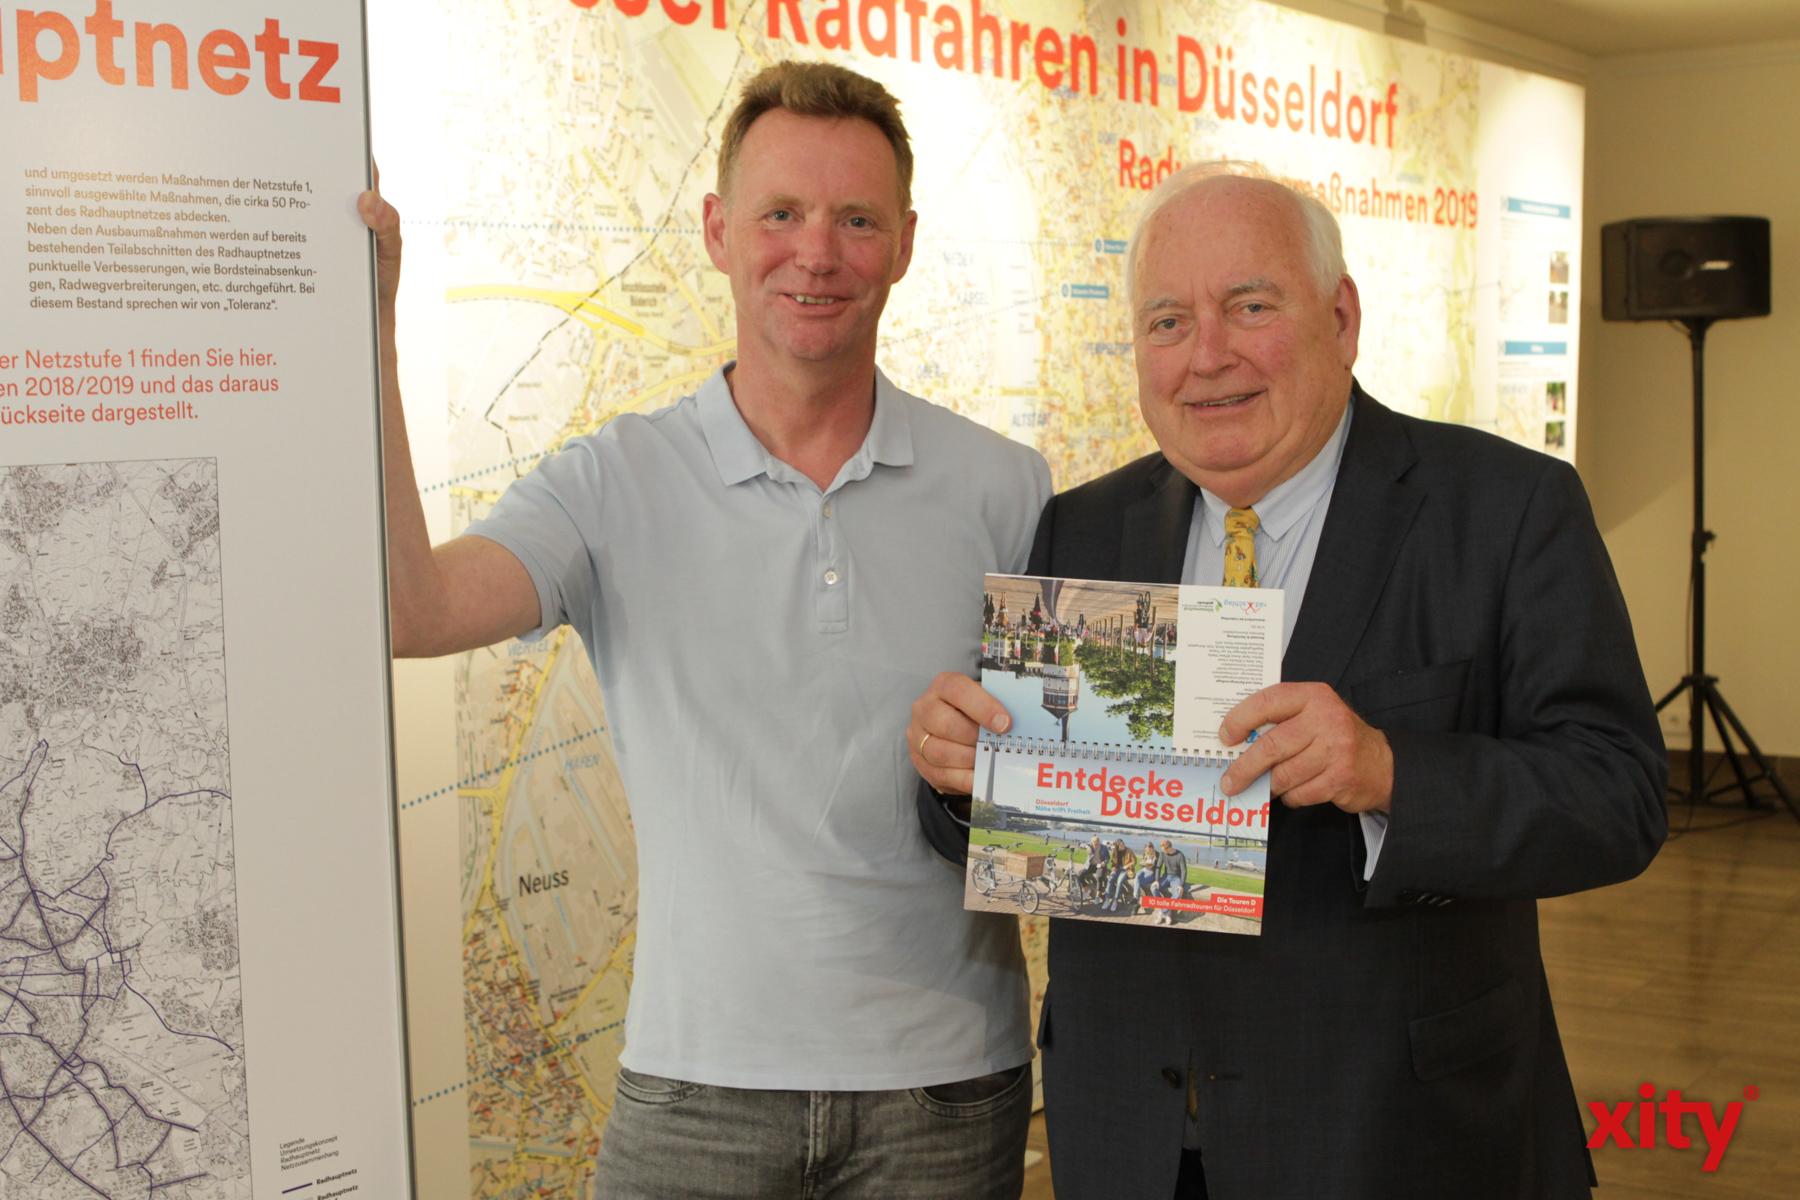 Ingo Pähler (l.) und Bürgermeister Friedrich G. Conzen (Foto: xity)